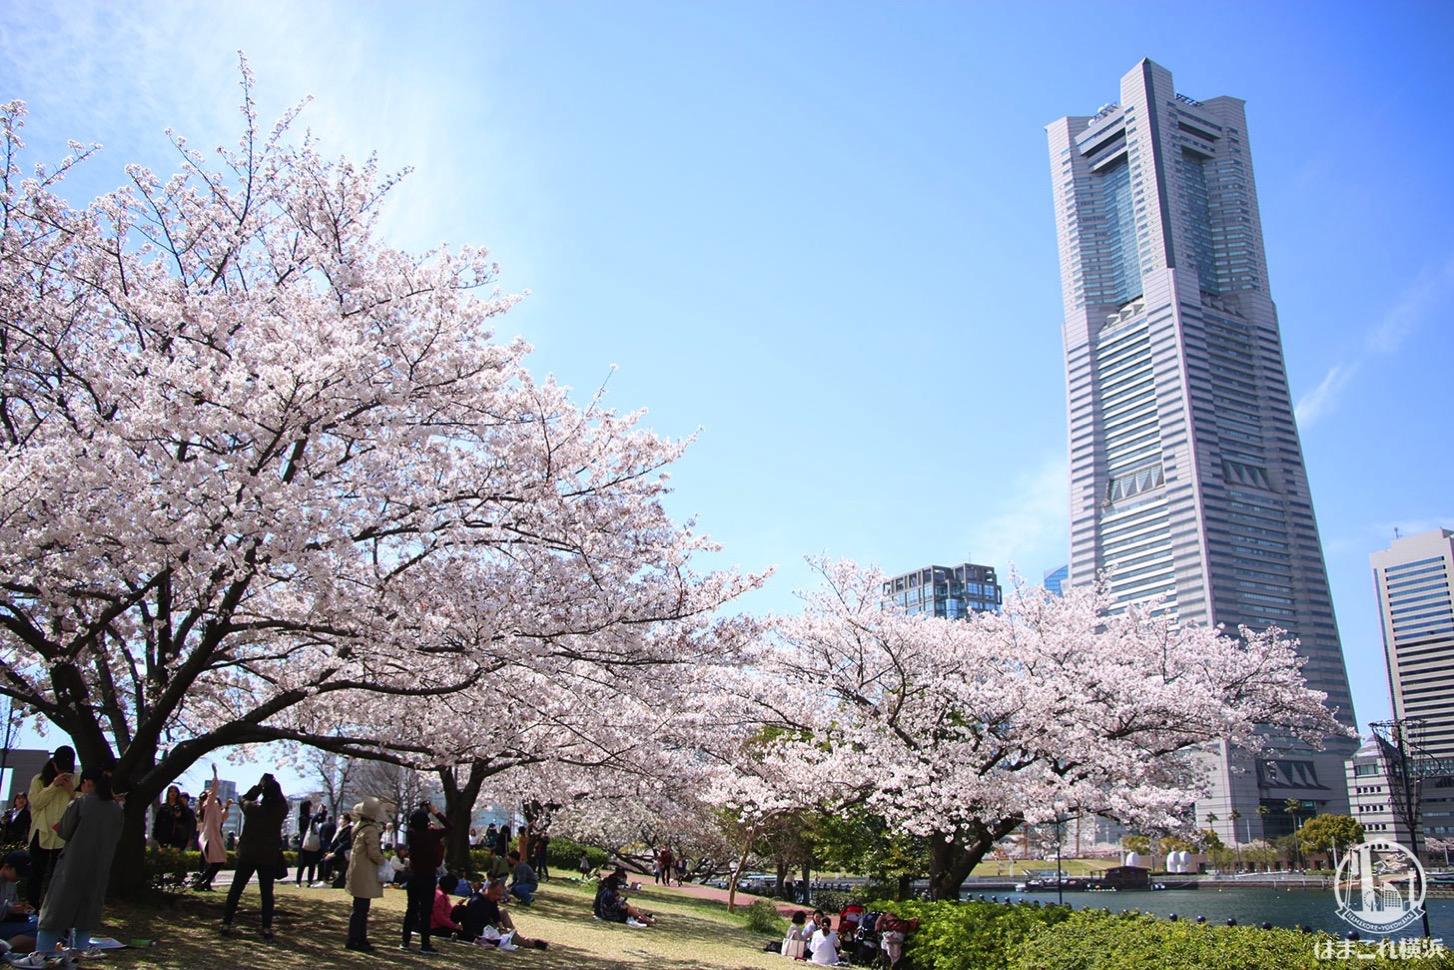 みなとみらいの桜満開!桜木町から桜満喫の桜スポット、グルっとお花見コース